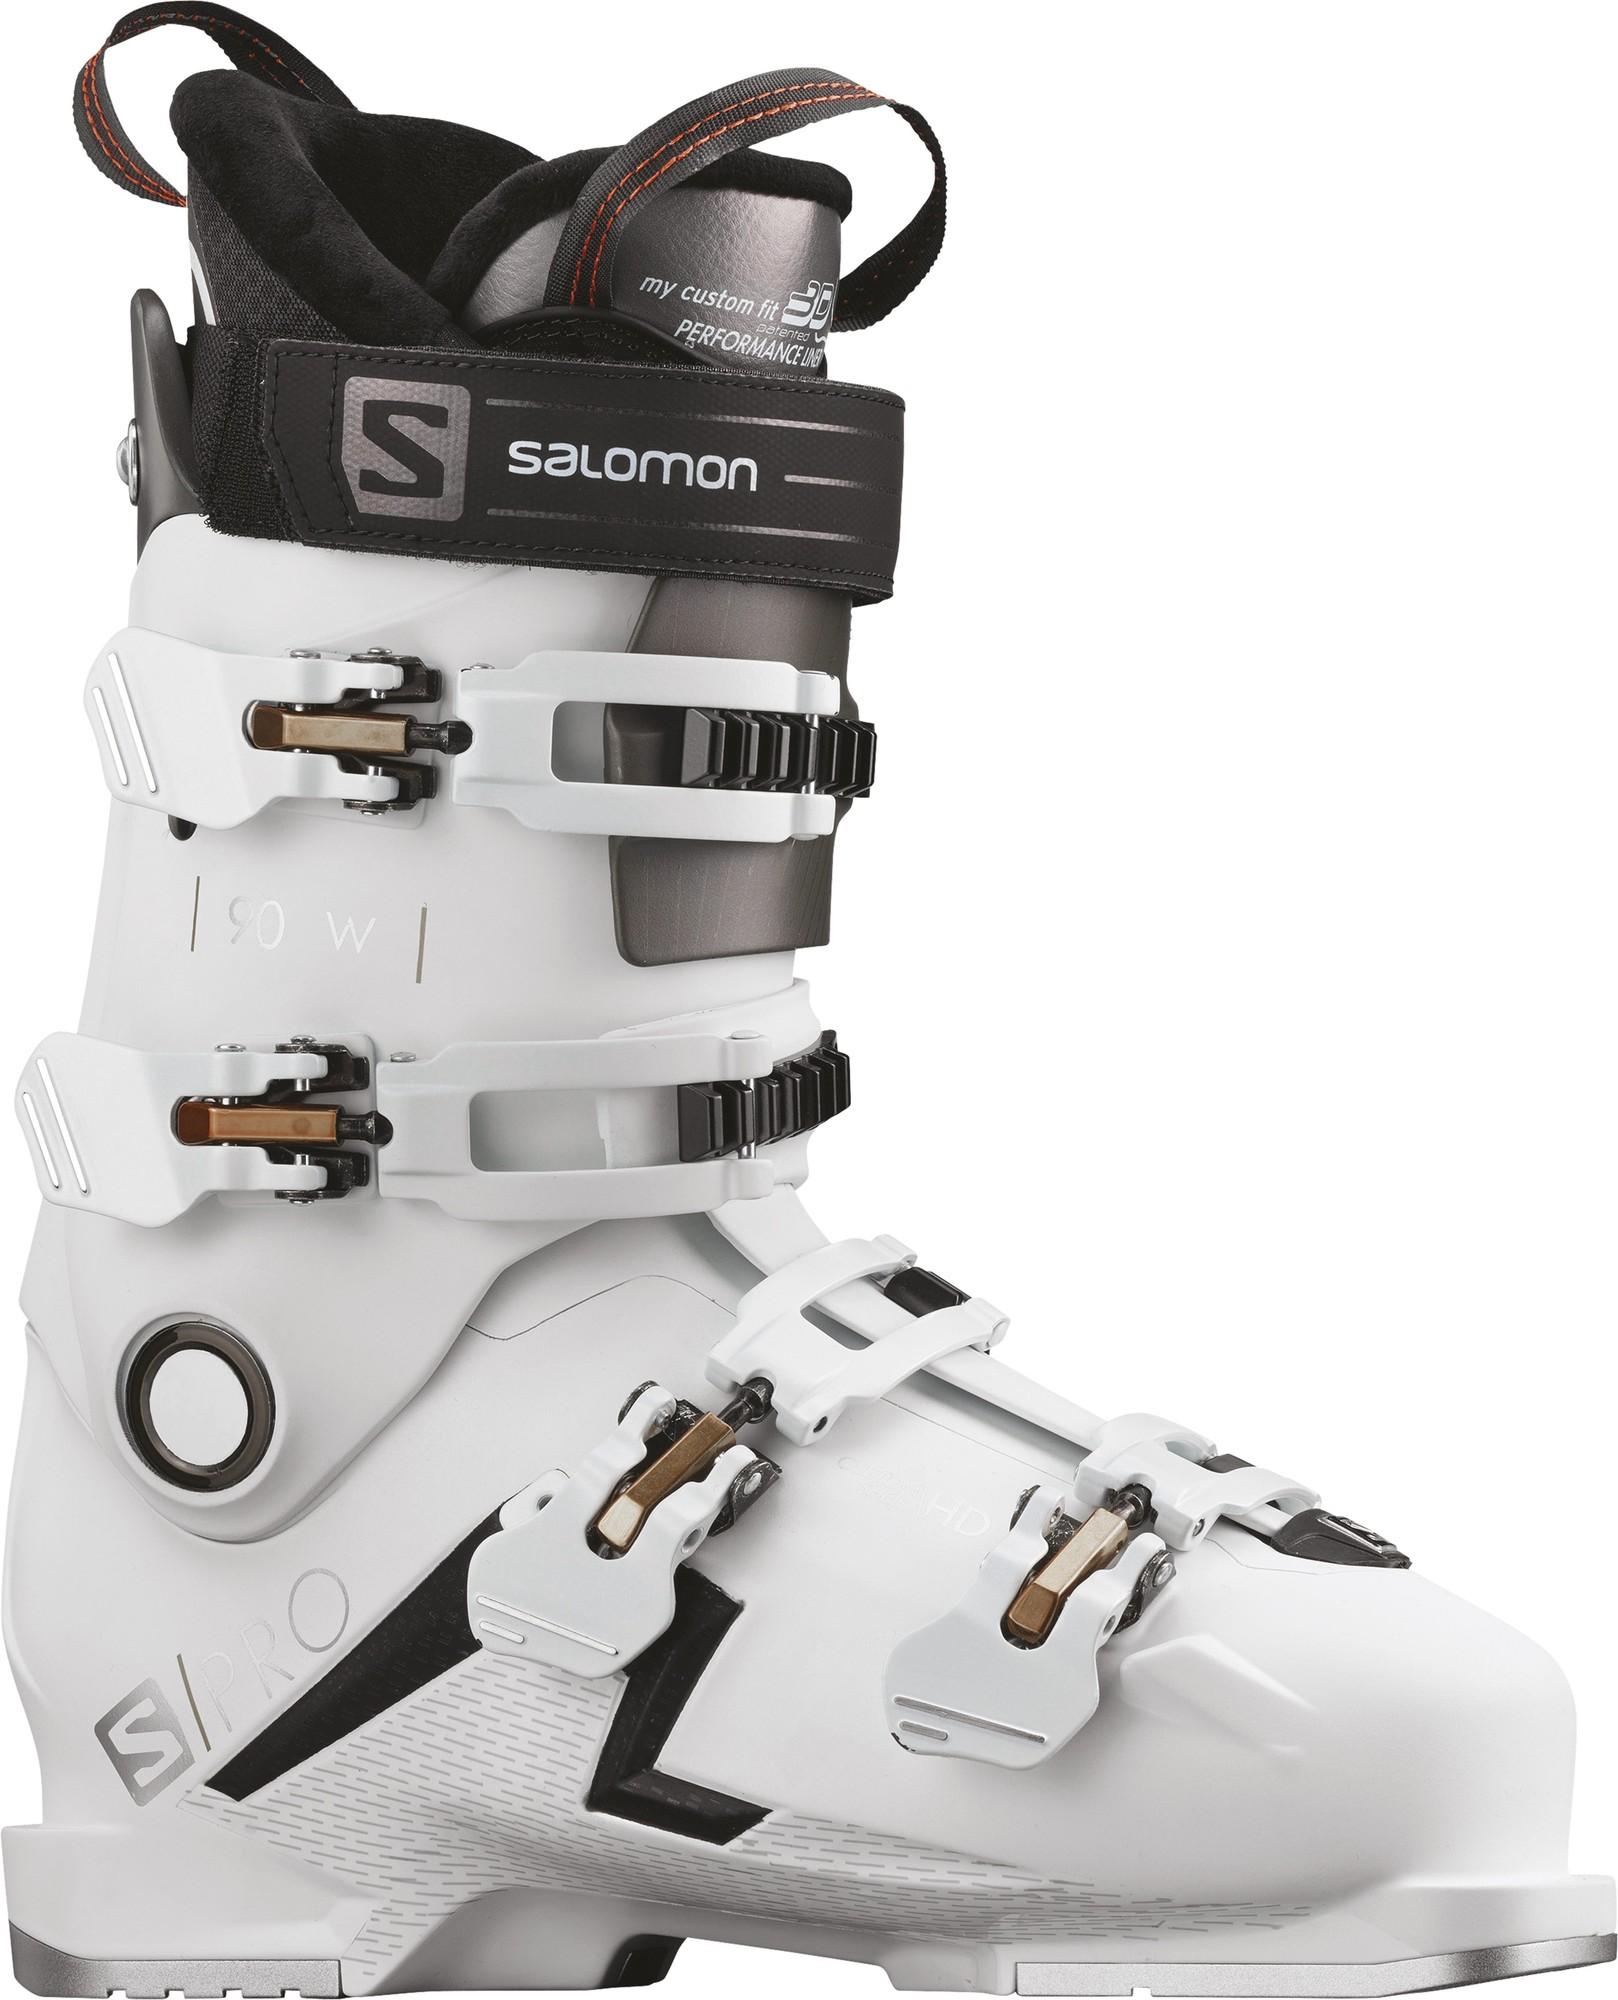 Salomon Ботинки горнолыжные женские Salomon S/PRO 90, размер 26 см